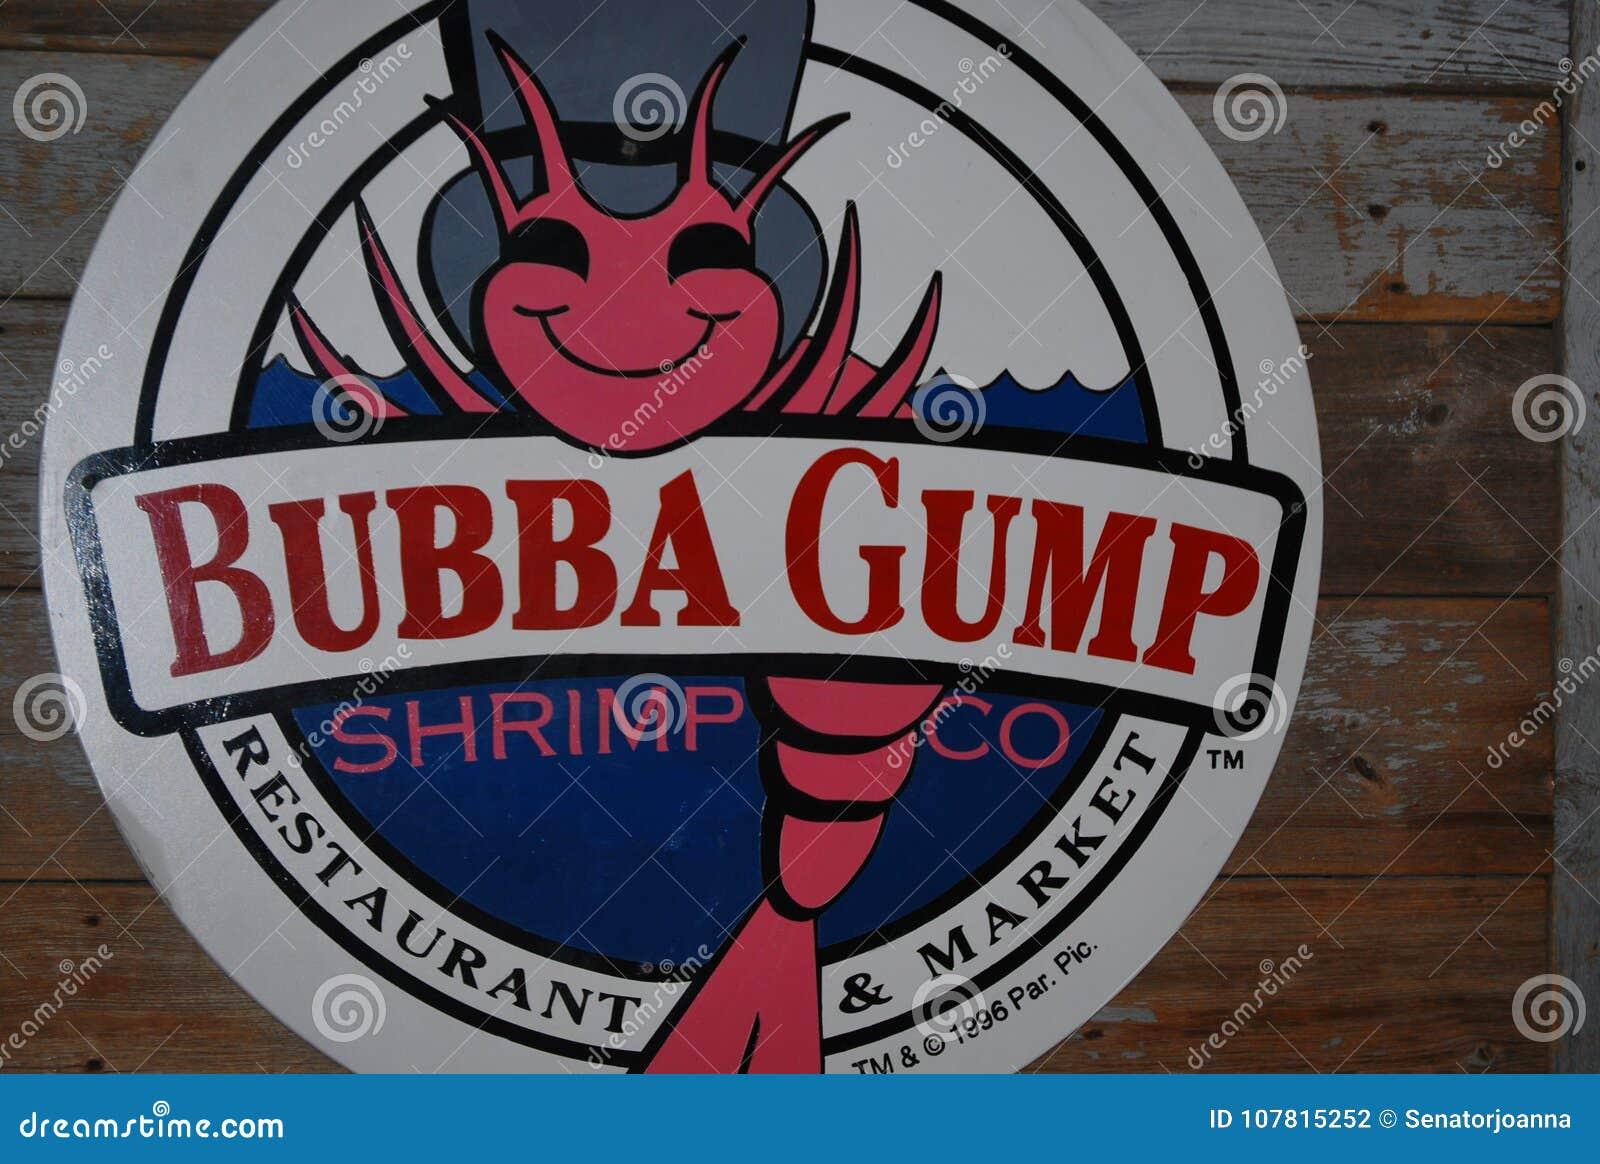 Bubba Gump Garnela Firma restauracja w Miasto Nowy Jork